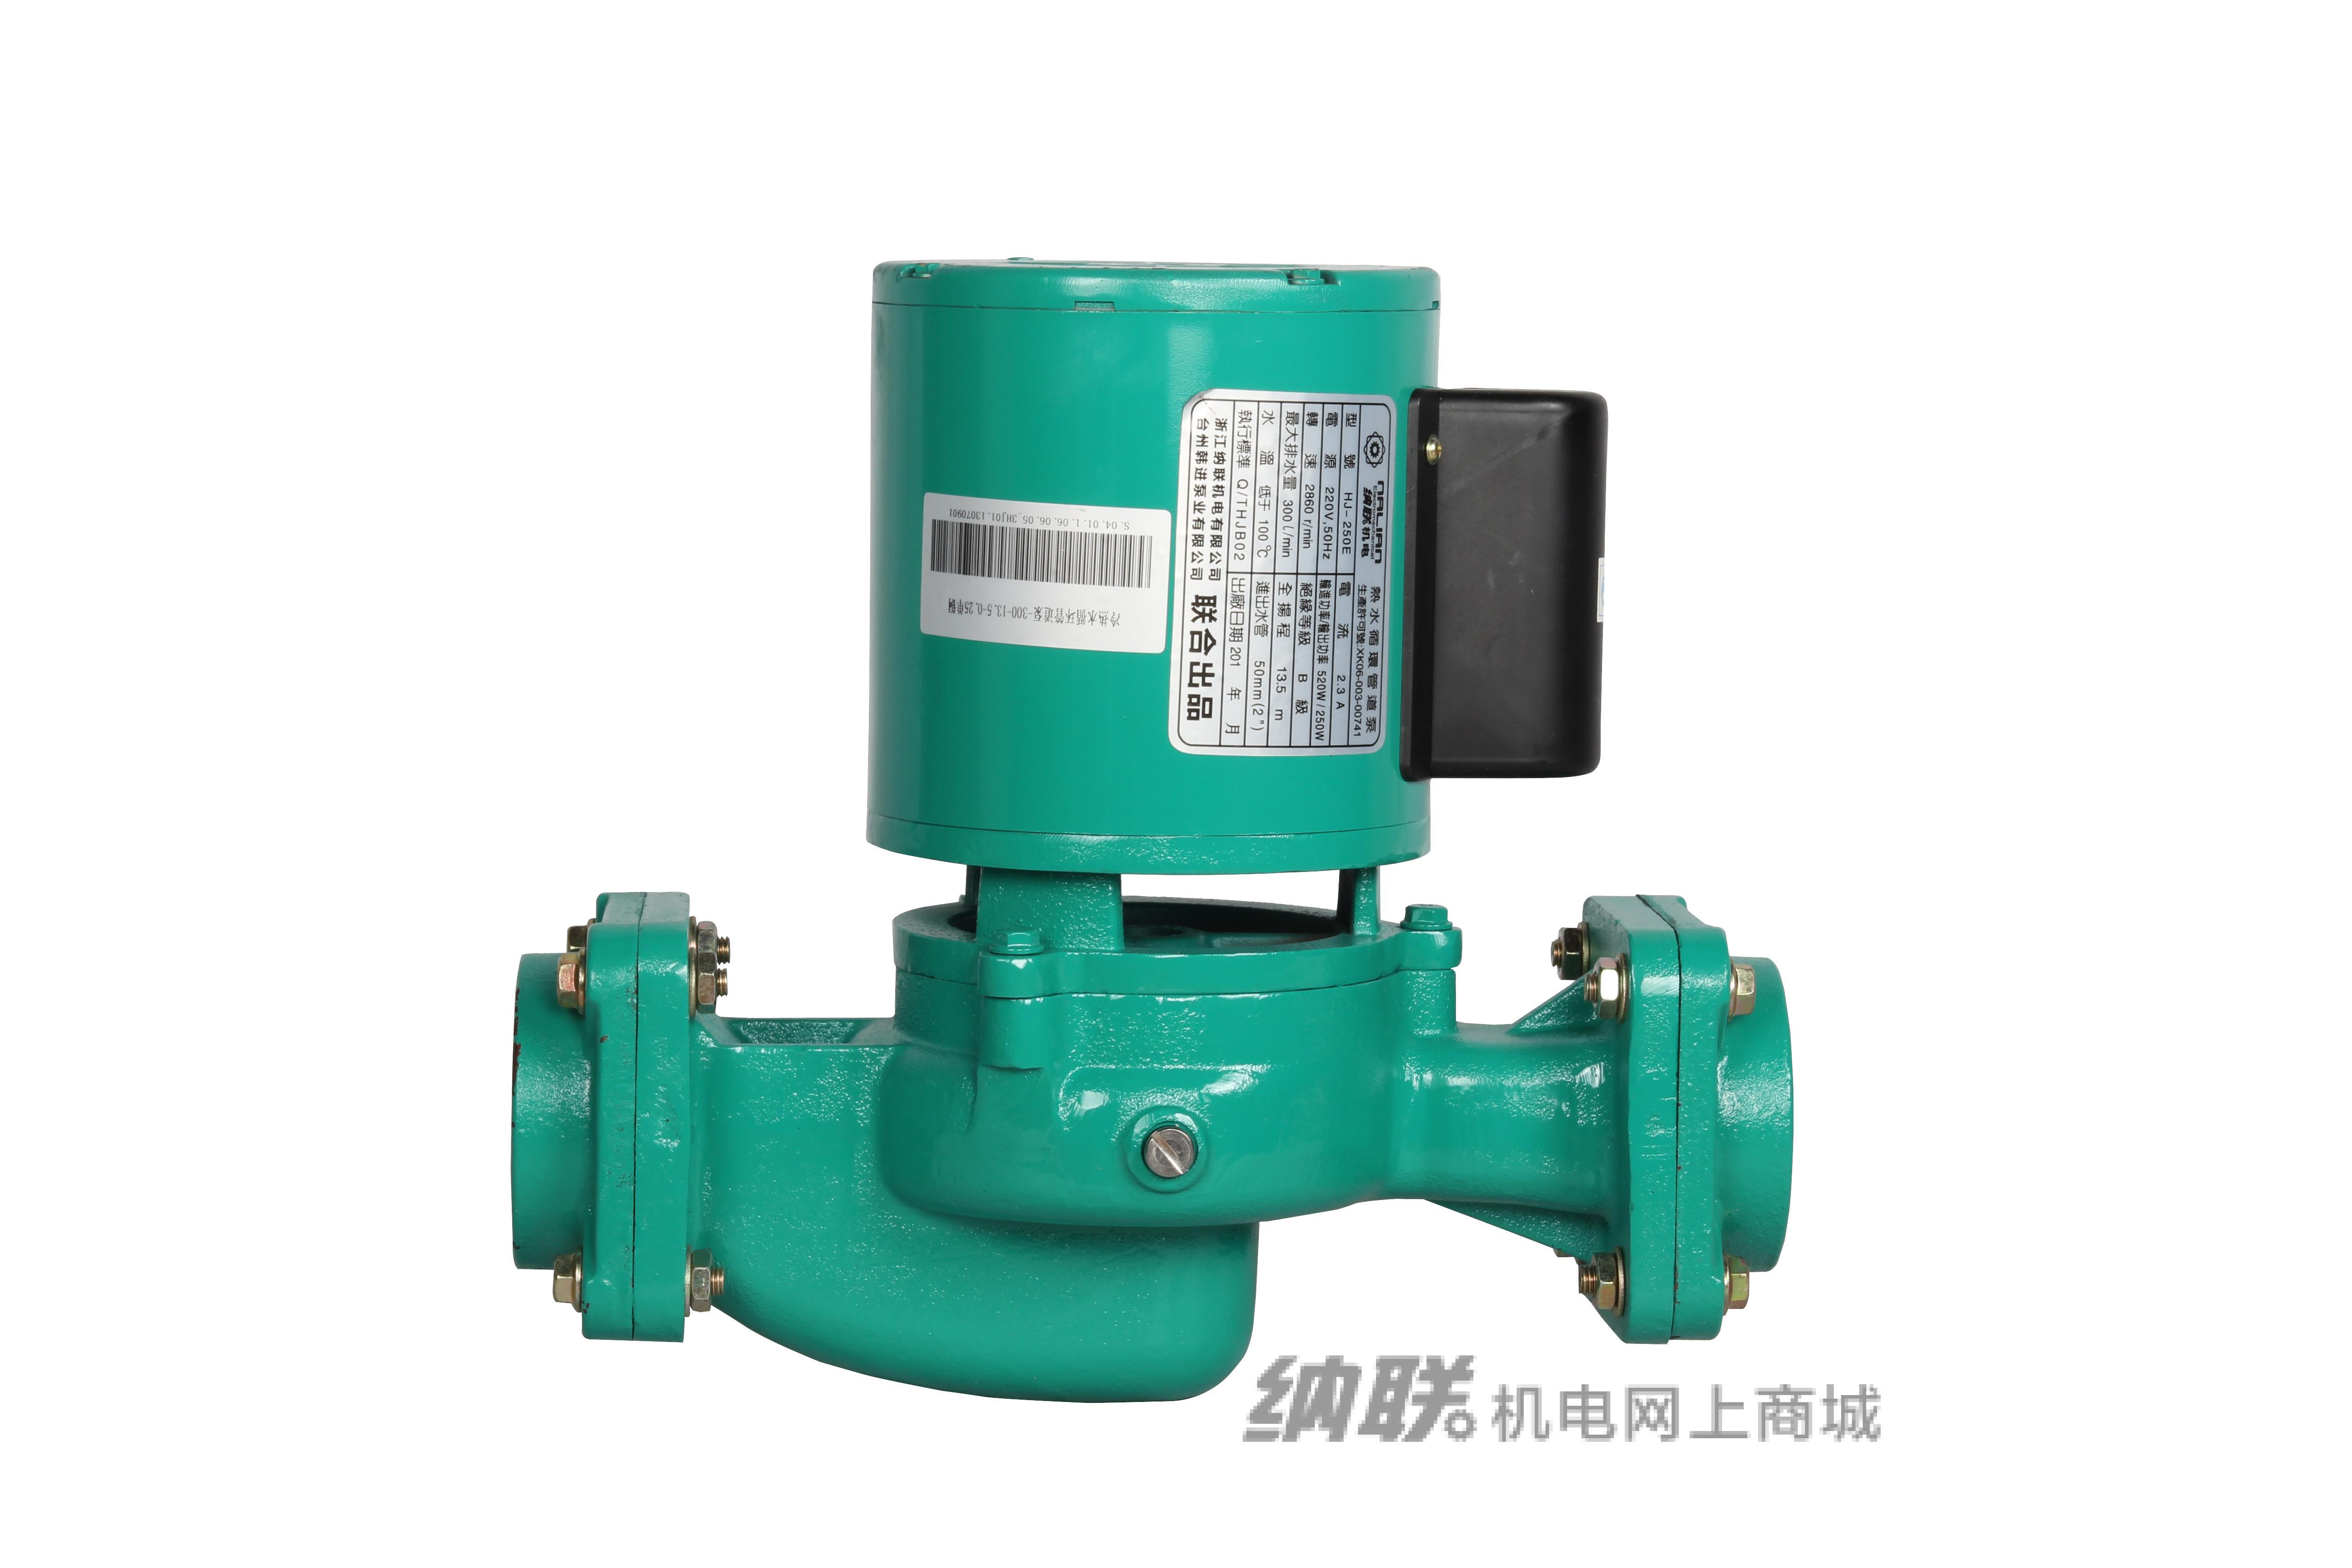 纳联机电 冷热水循环管道泵-HJ-250E